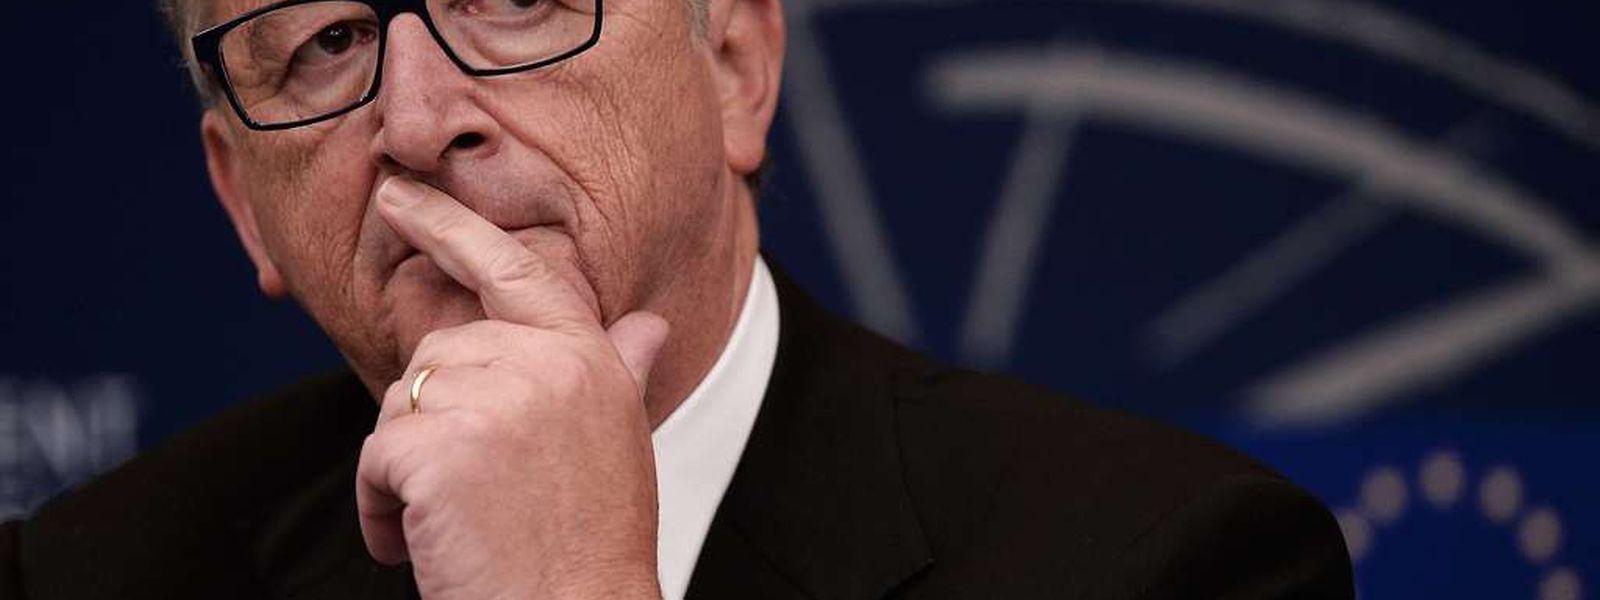 Es gilt als unwahrscheinlich, dass Juncker seinen Job als Chef der EU-Kommission verliert.